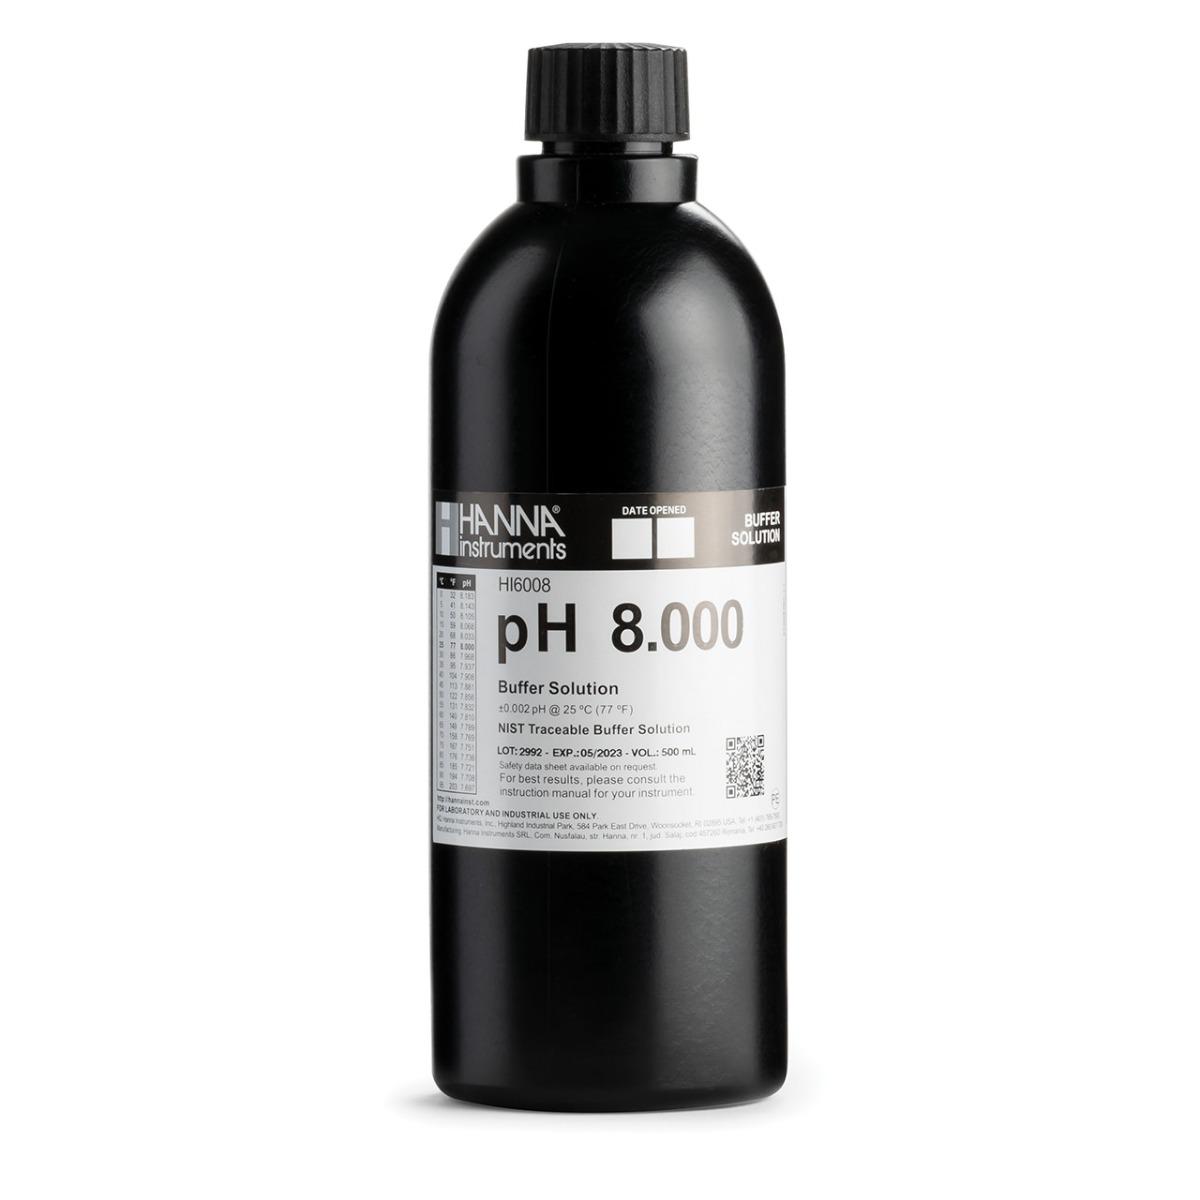 HI6008 pH 8.000 Millesimal Calibration Buffer (500 mL)